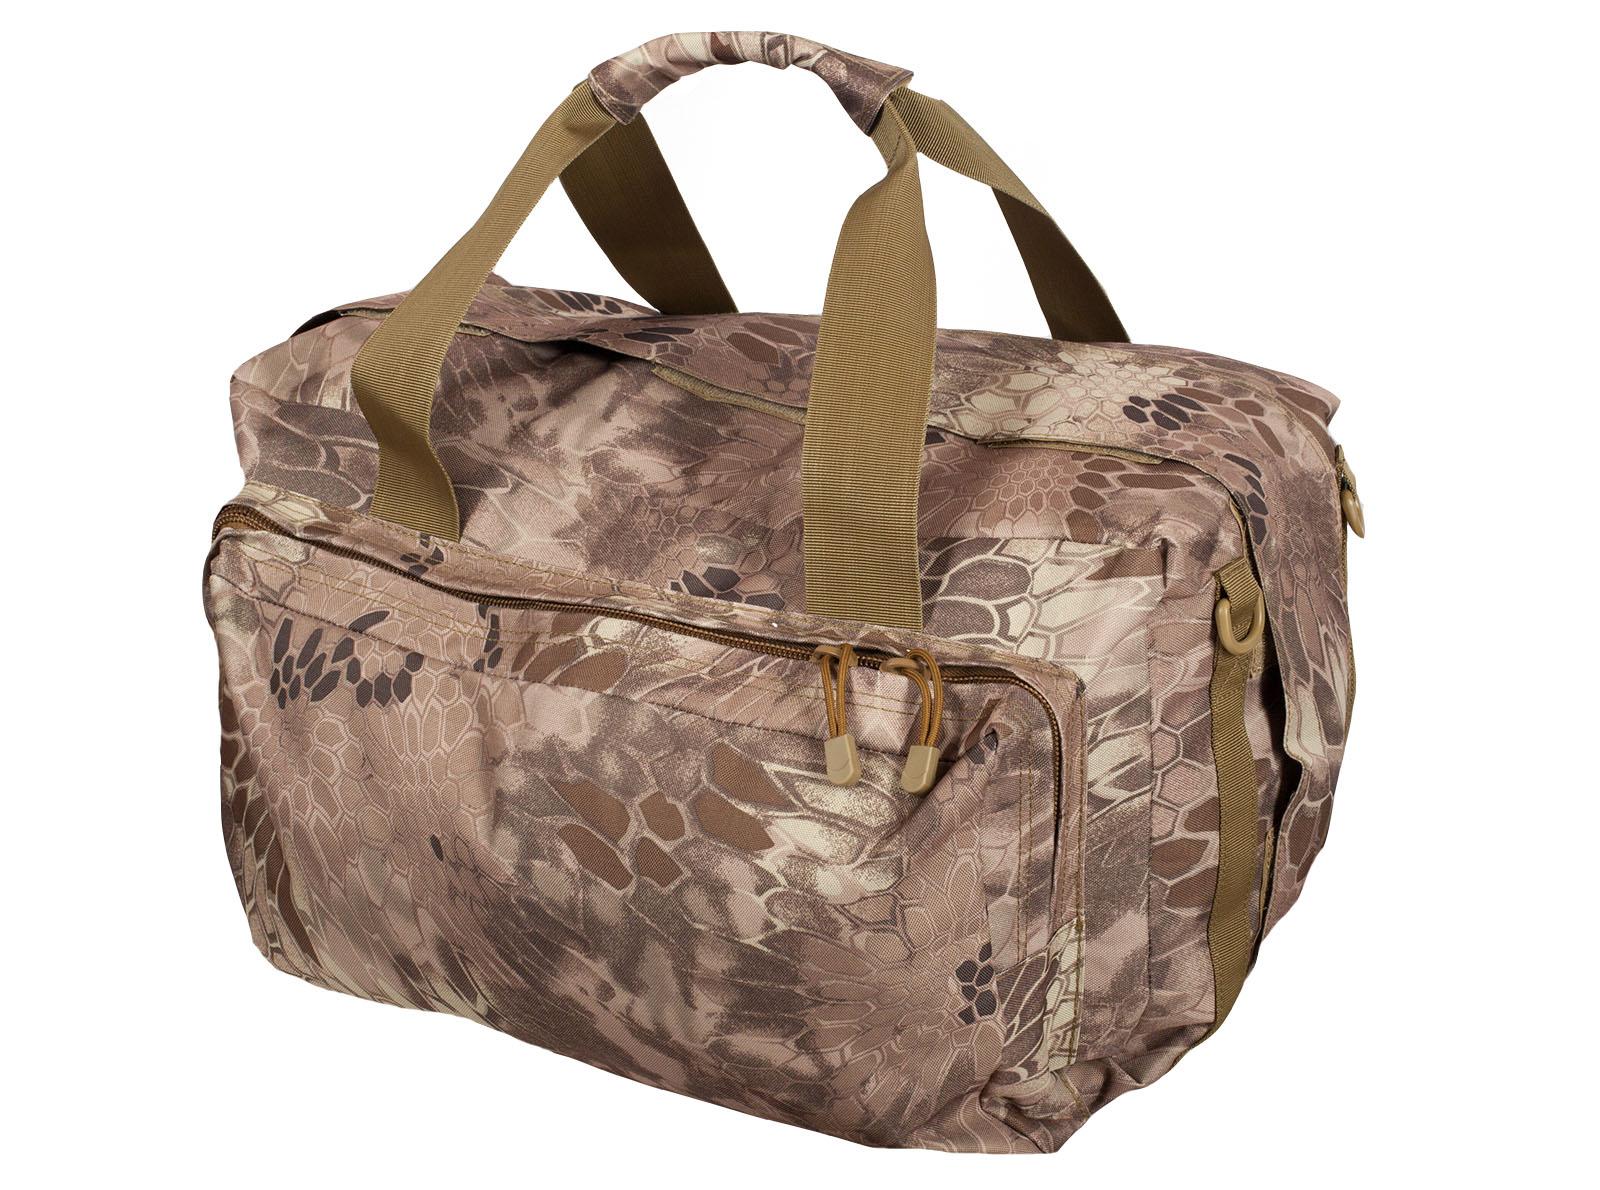 Тактическая дорожная сумка с нашивкой Охотничьего спецназа заказать по демократичной цене